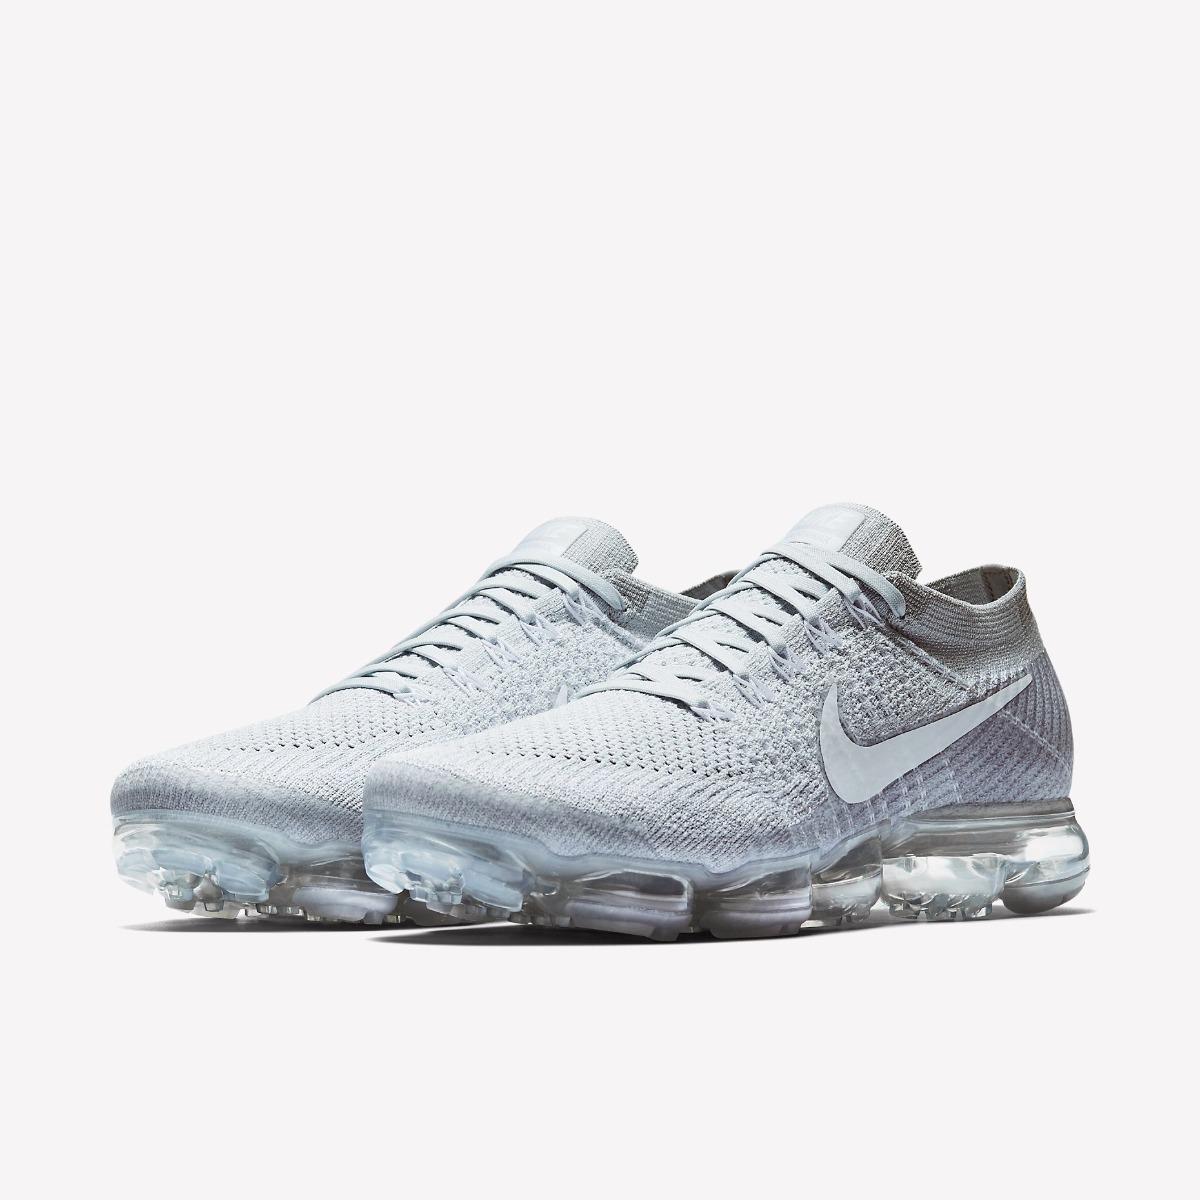 zapatos casuales buscar auténtico 100% de garantía de satisfacción Zapatillas Nike Air Vapormax Flyknit | 2017 100% Original - S/ 549 ...